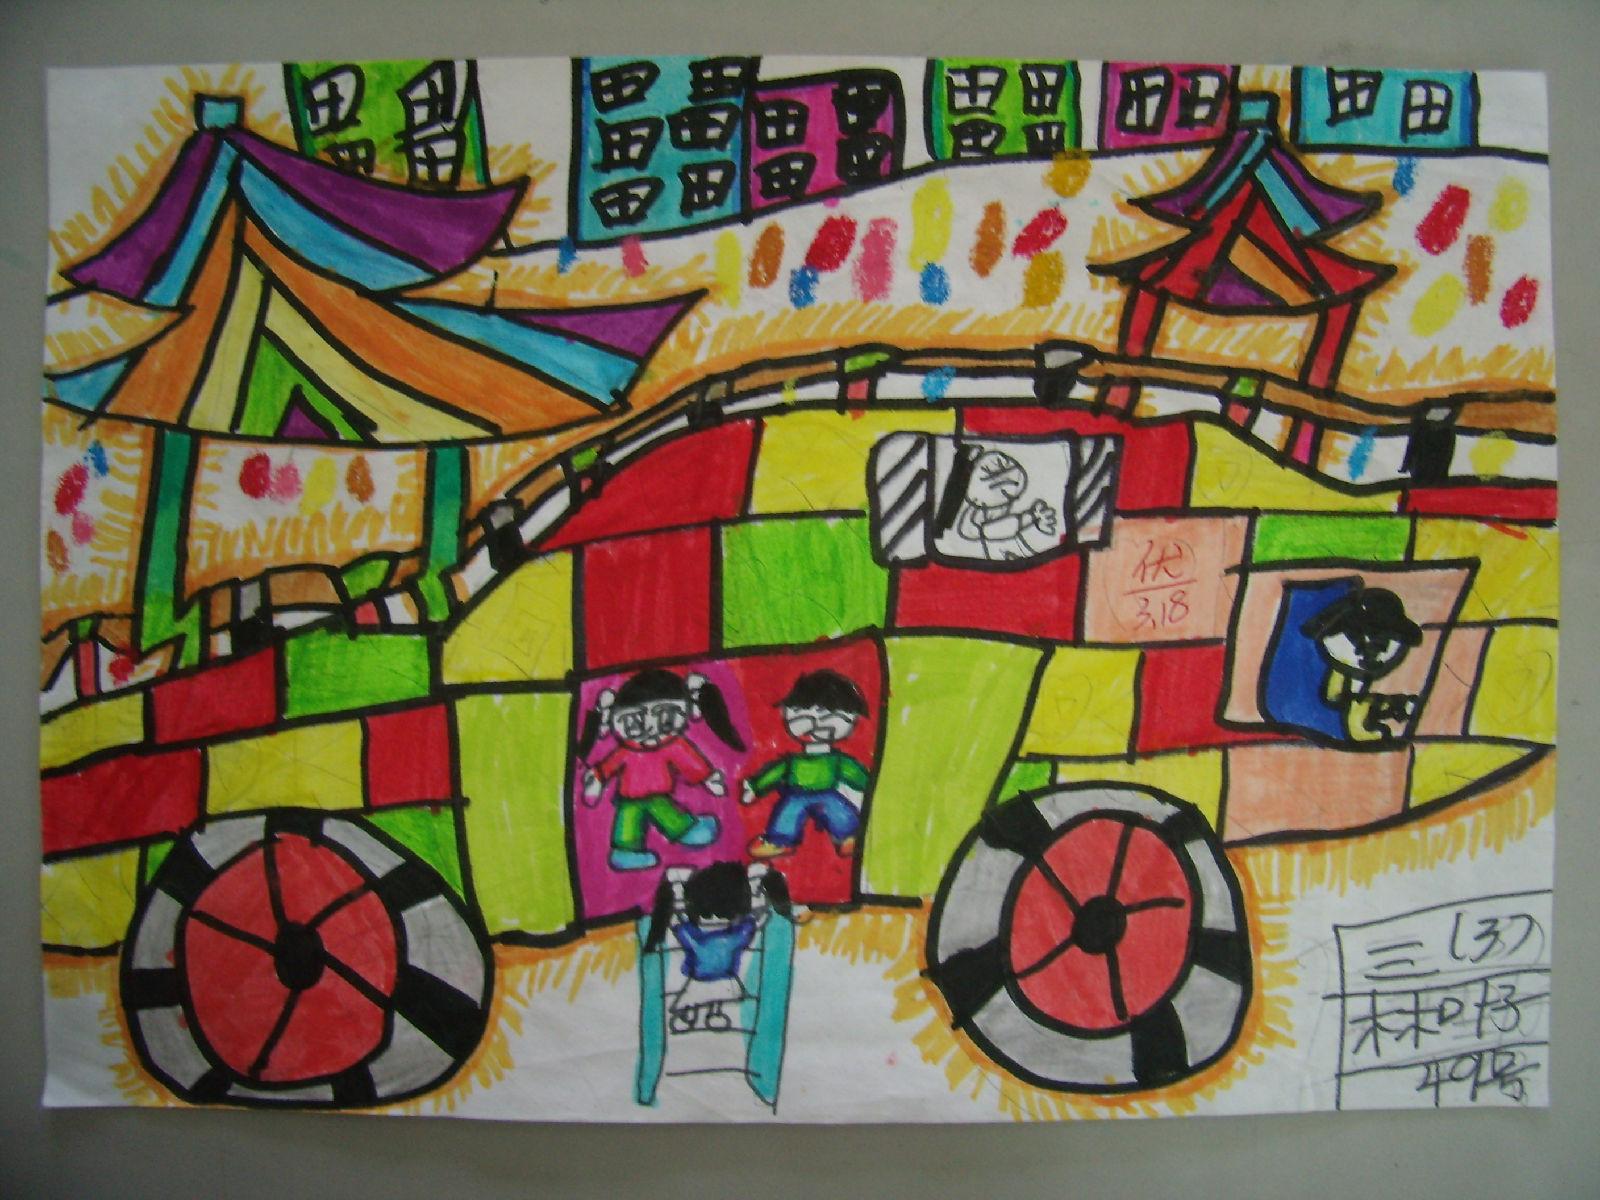 小学三年级美术范画 三年级美术画画大全 三年级美术画 高清图片